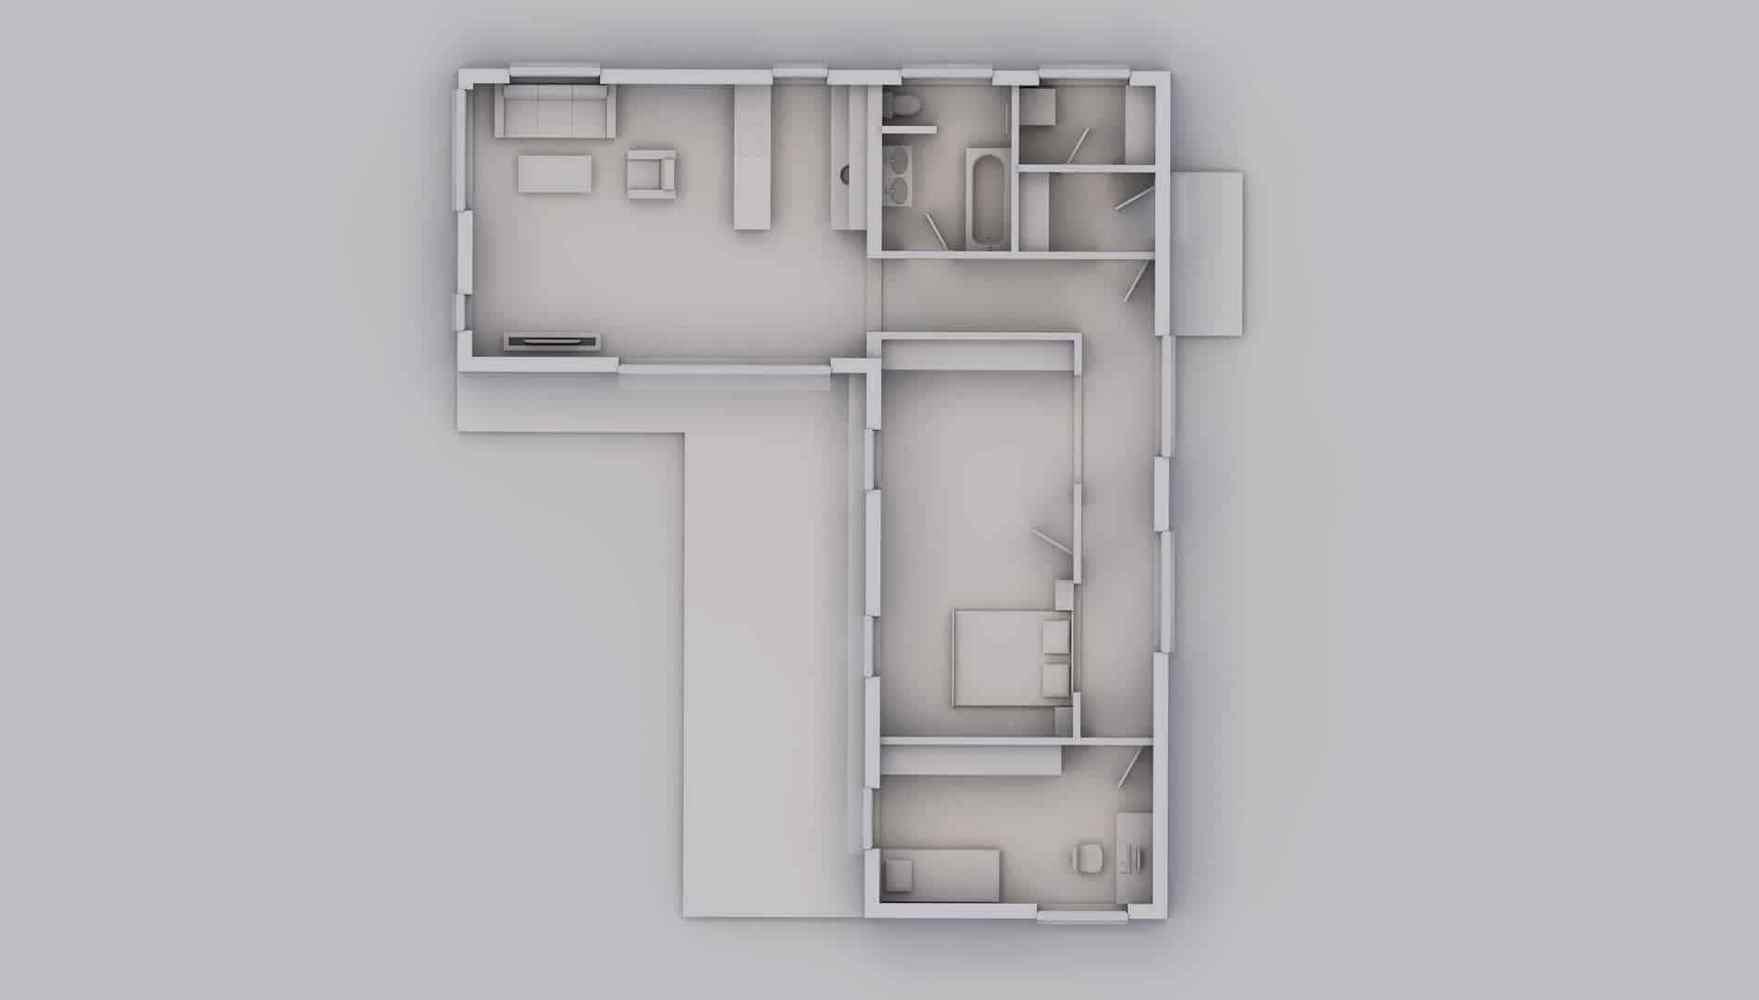 Rodinný dům L104 4+kk 3